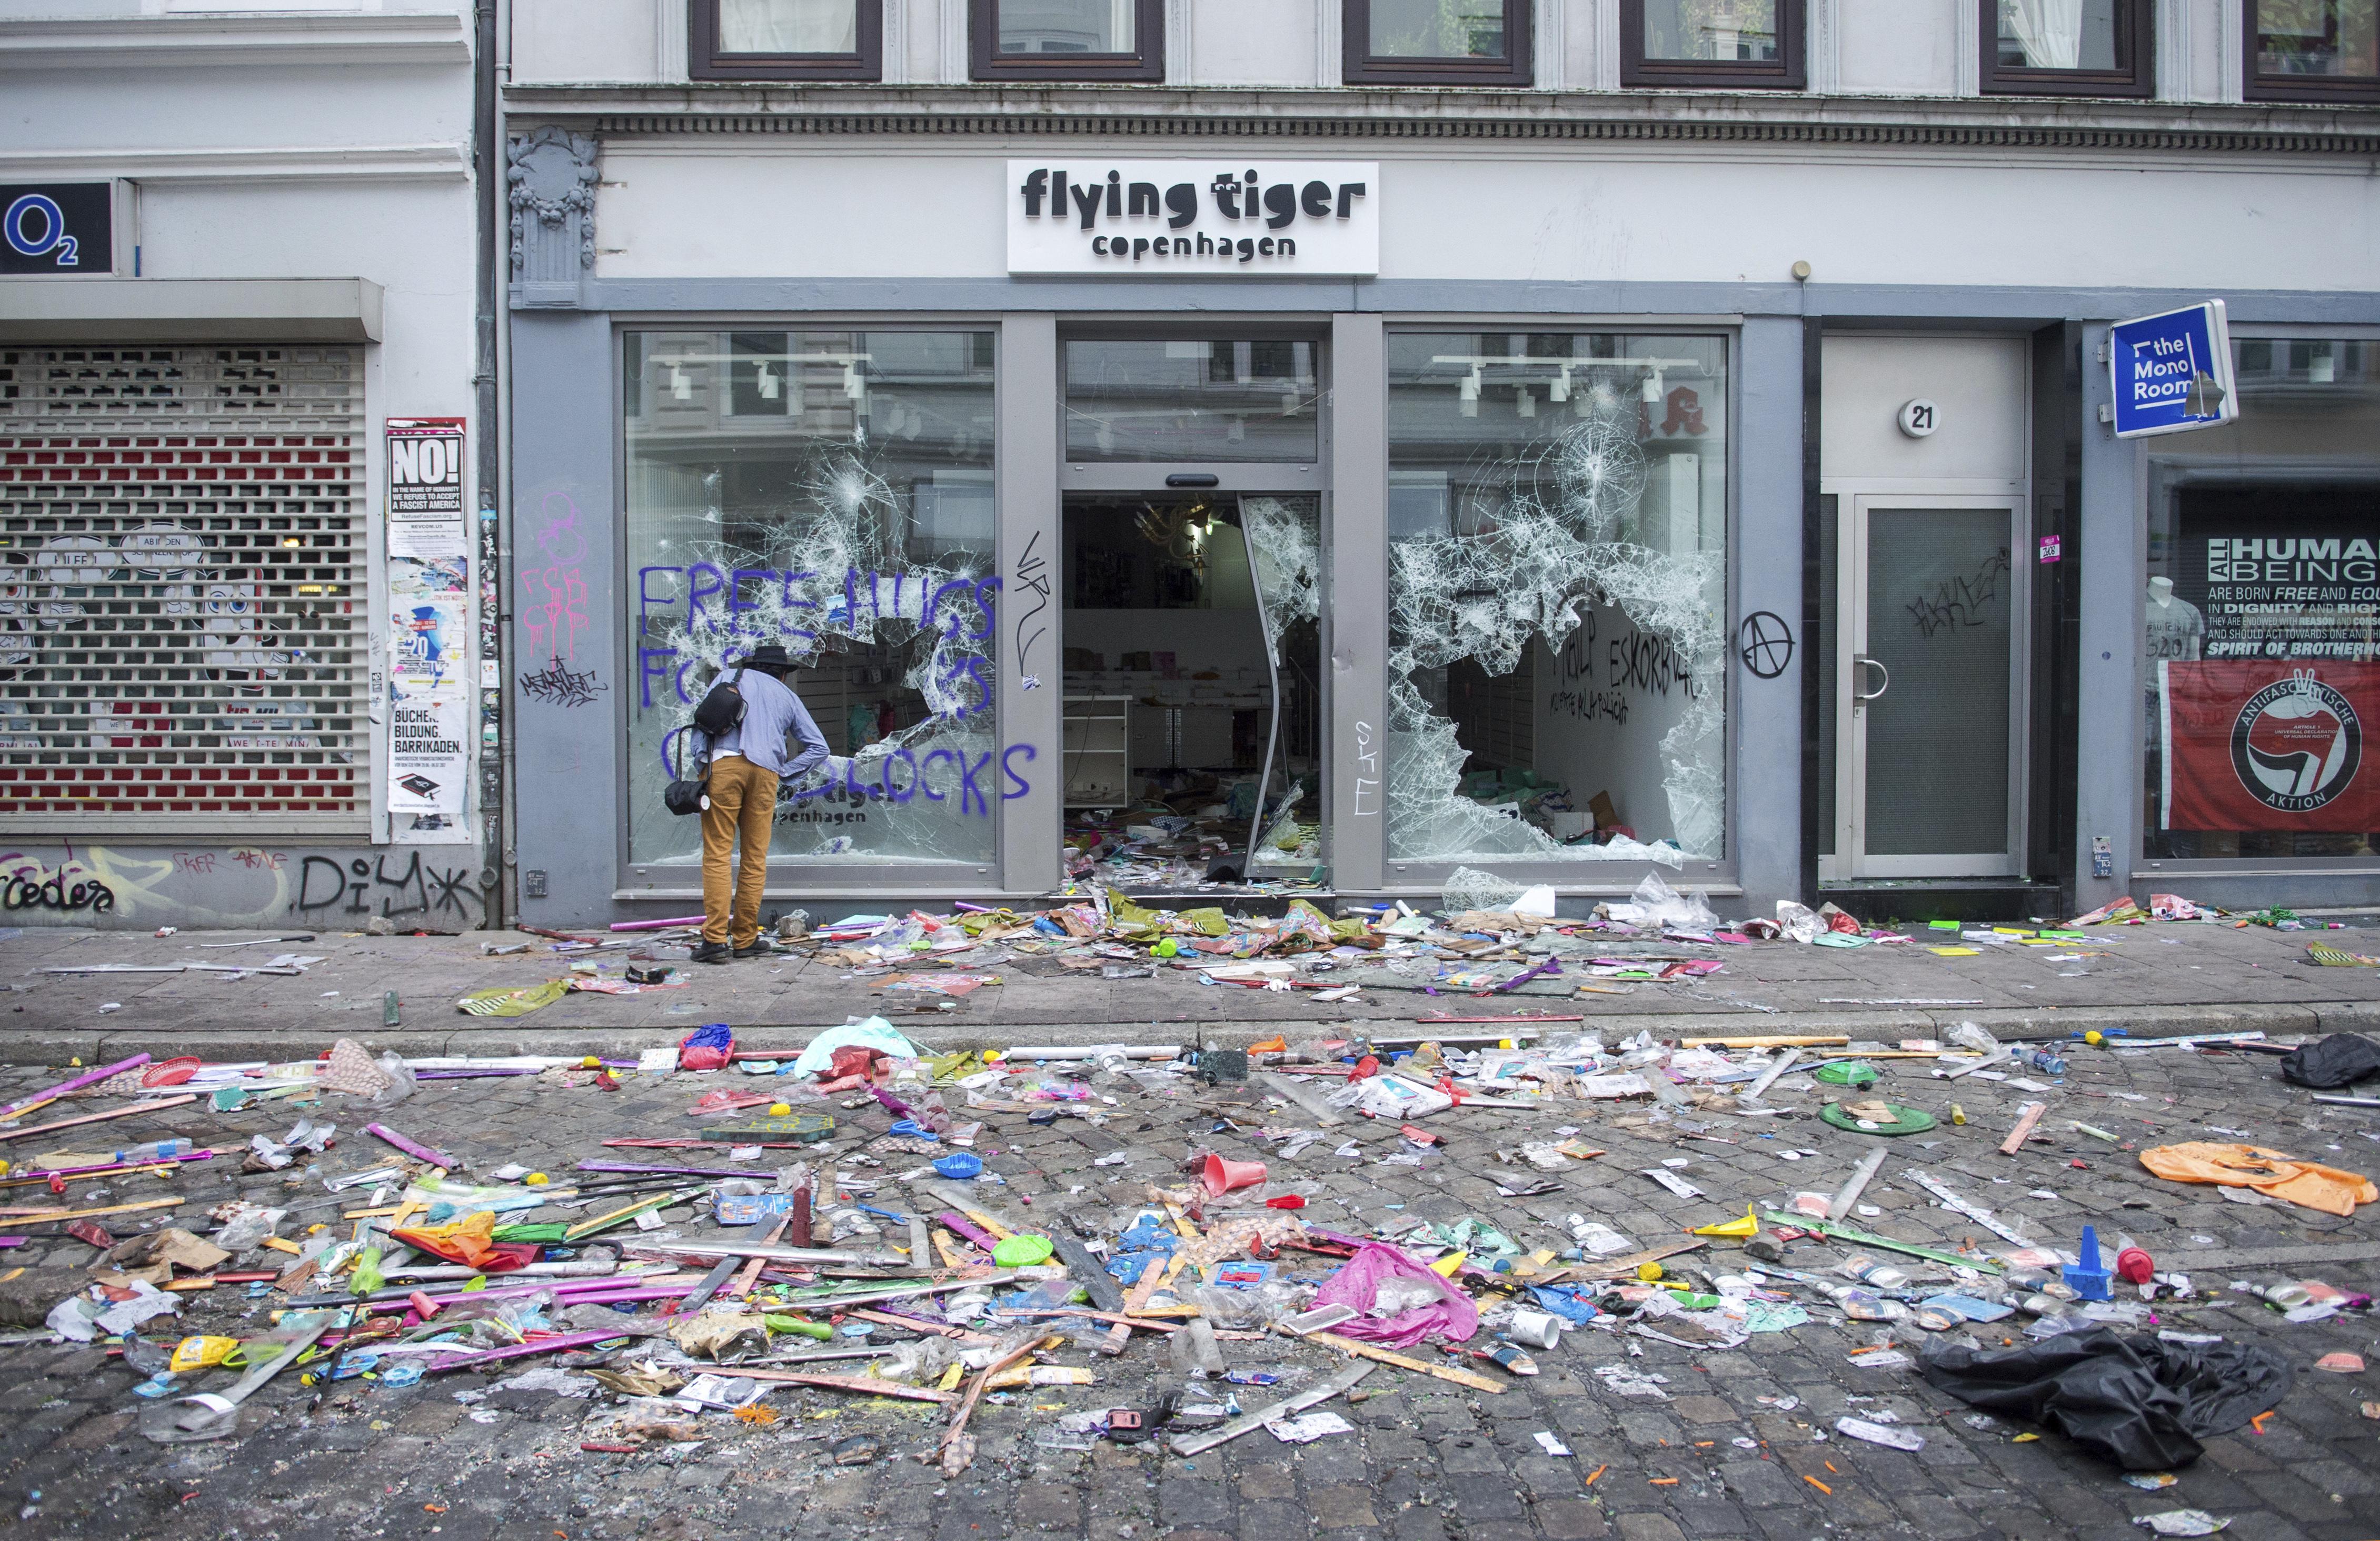 市區商店被暴徒搶奪,一片凌亂。(美聯社)